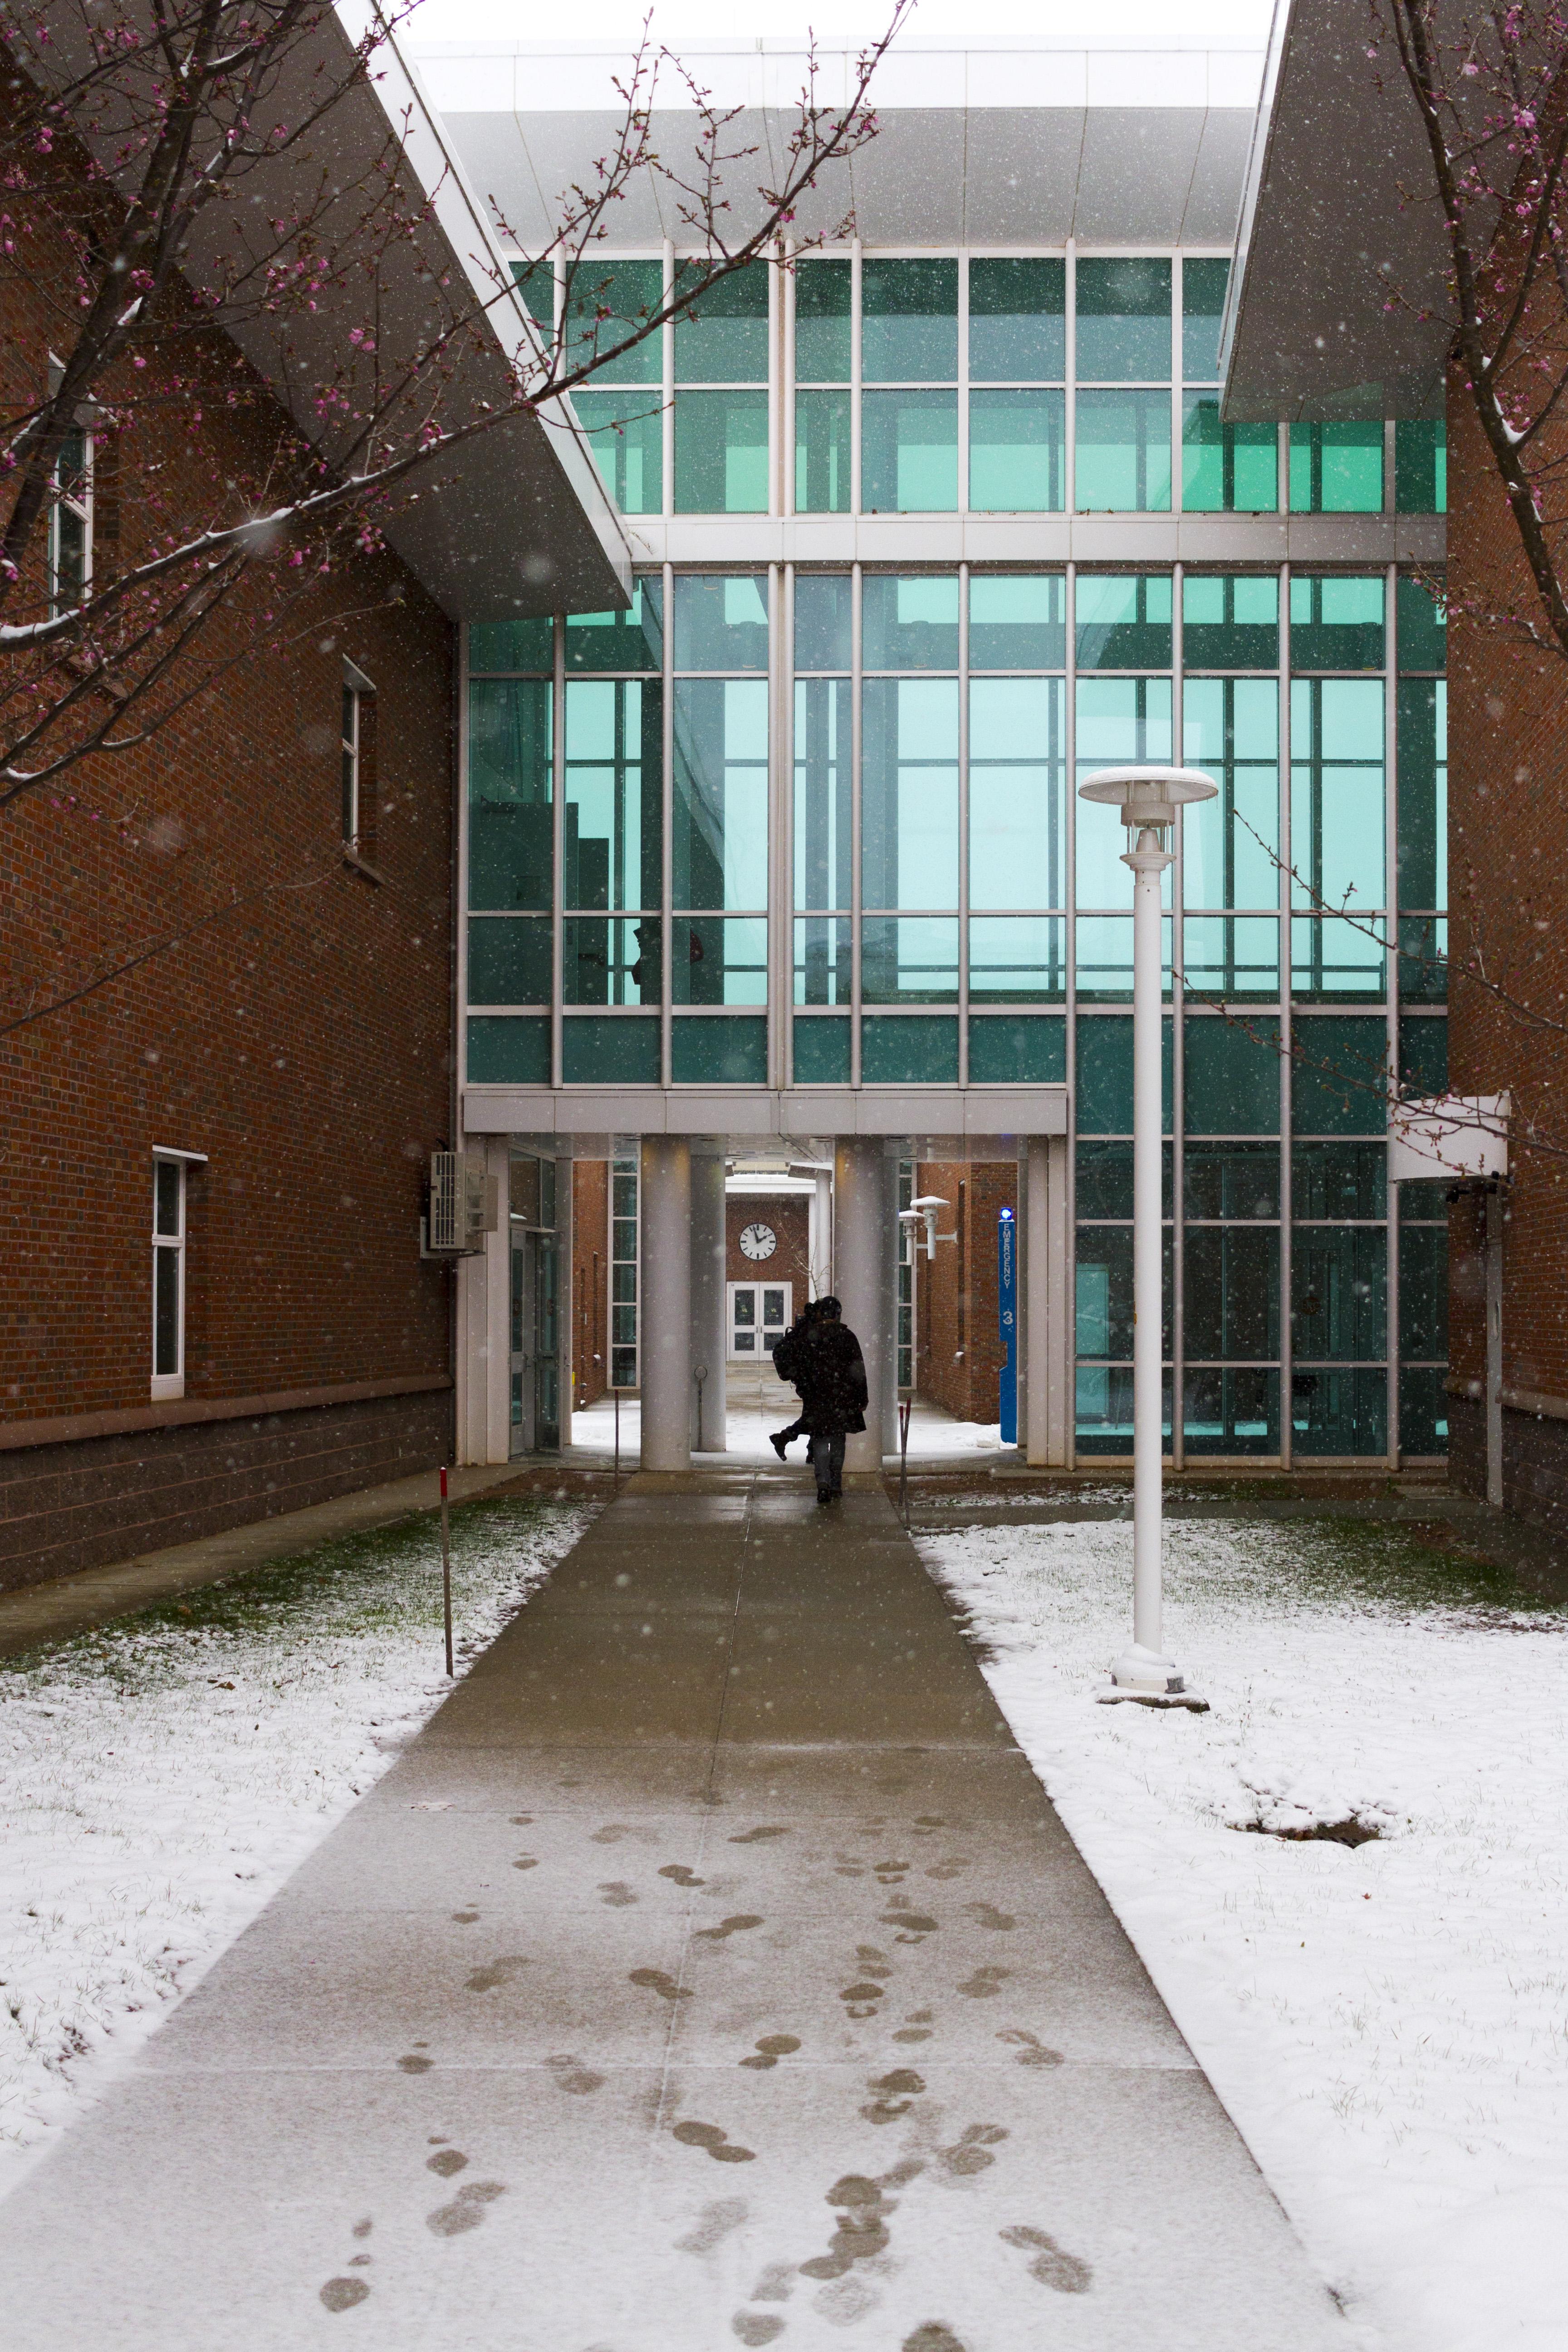 Mcc Snow_2